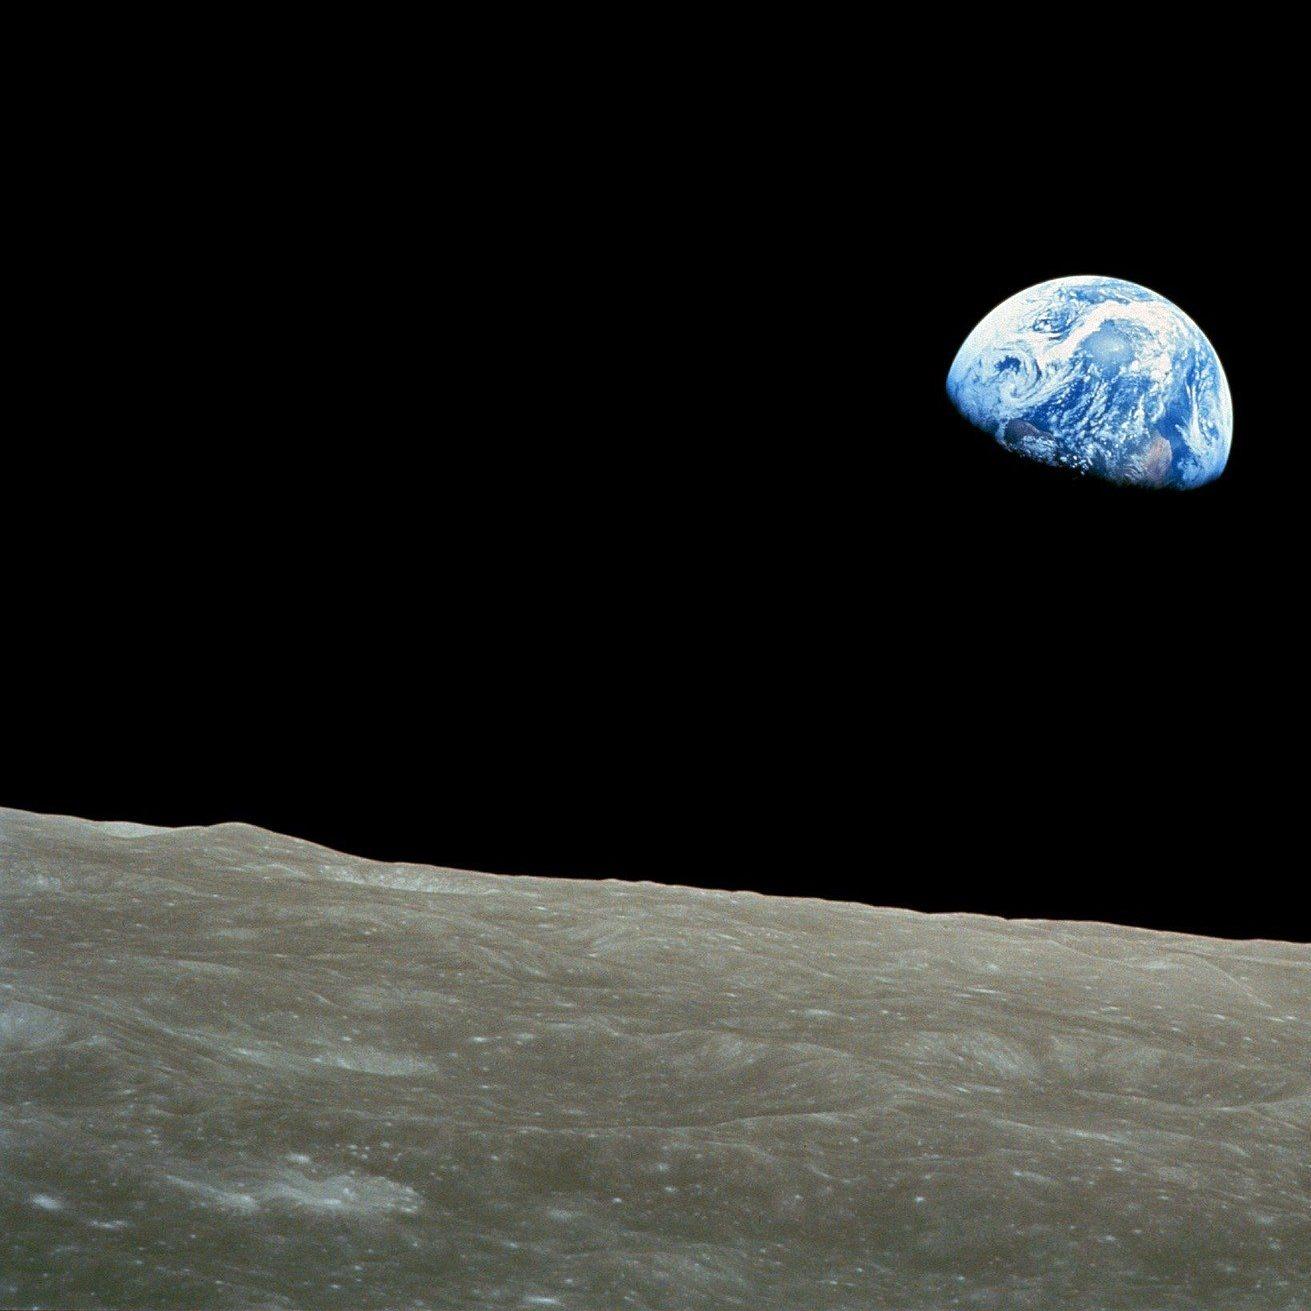 vida en la tierra, de donde viene la vida, química del carbono,